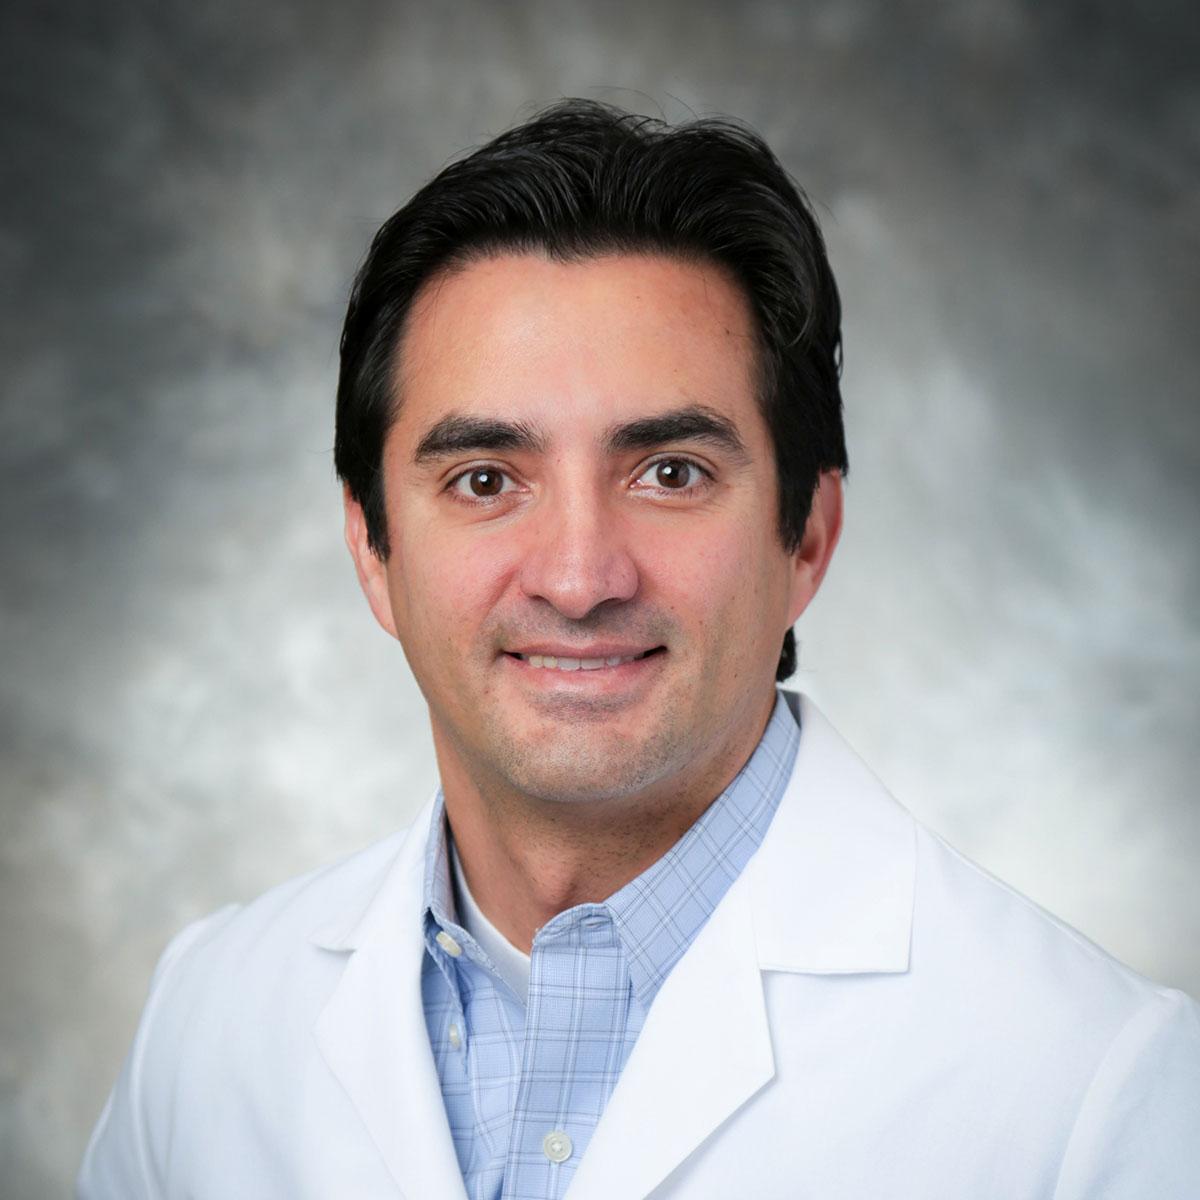 Carlos-Alarcon-MD